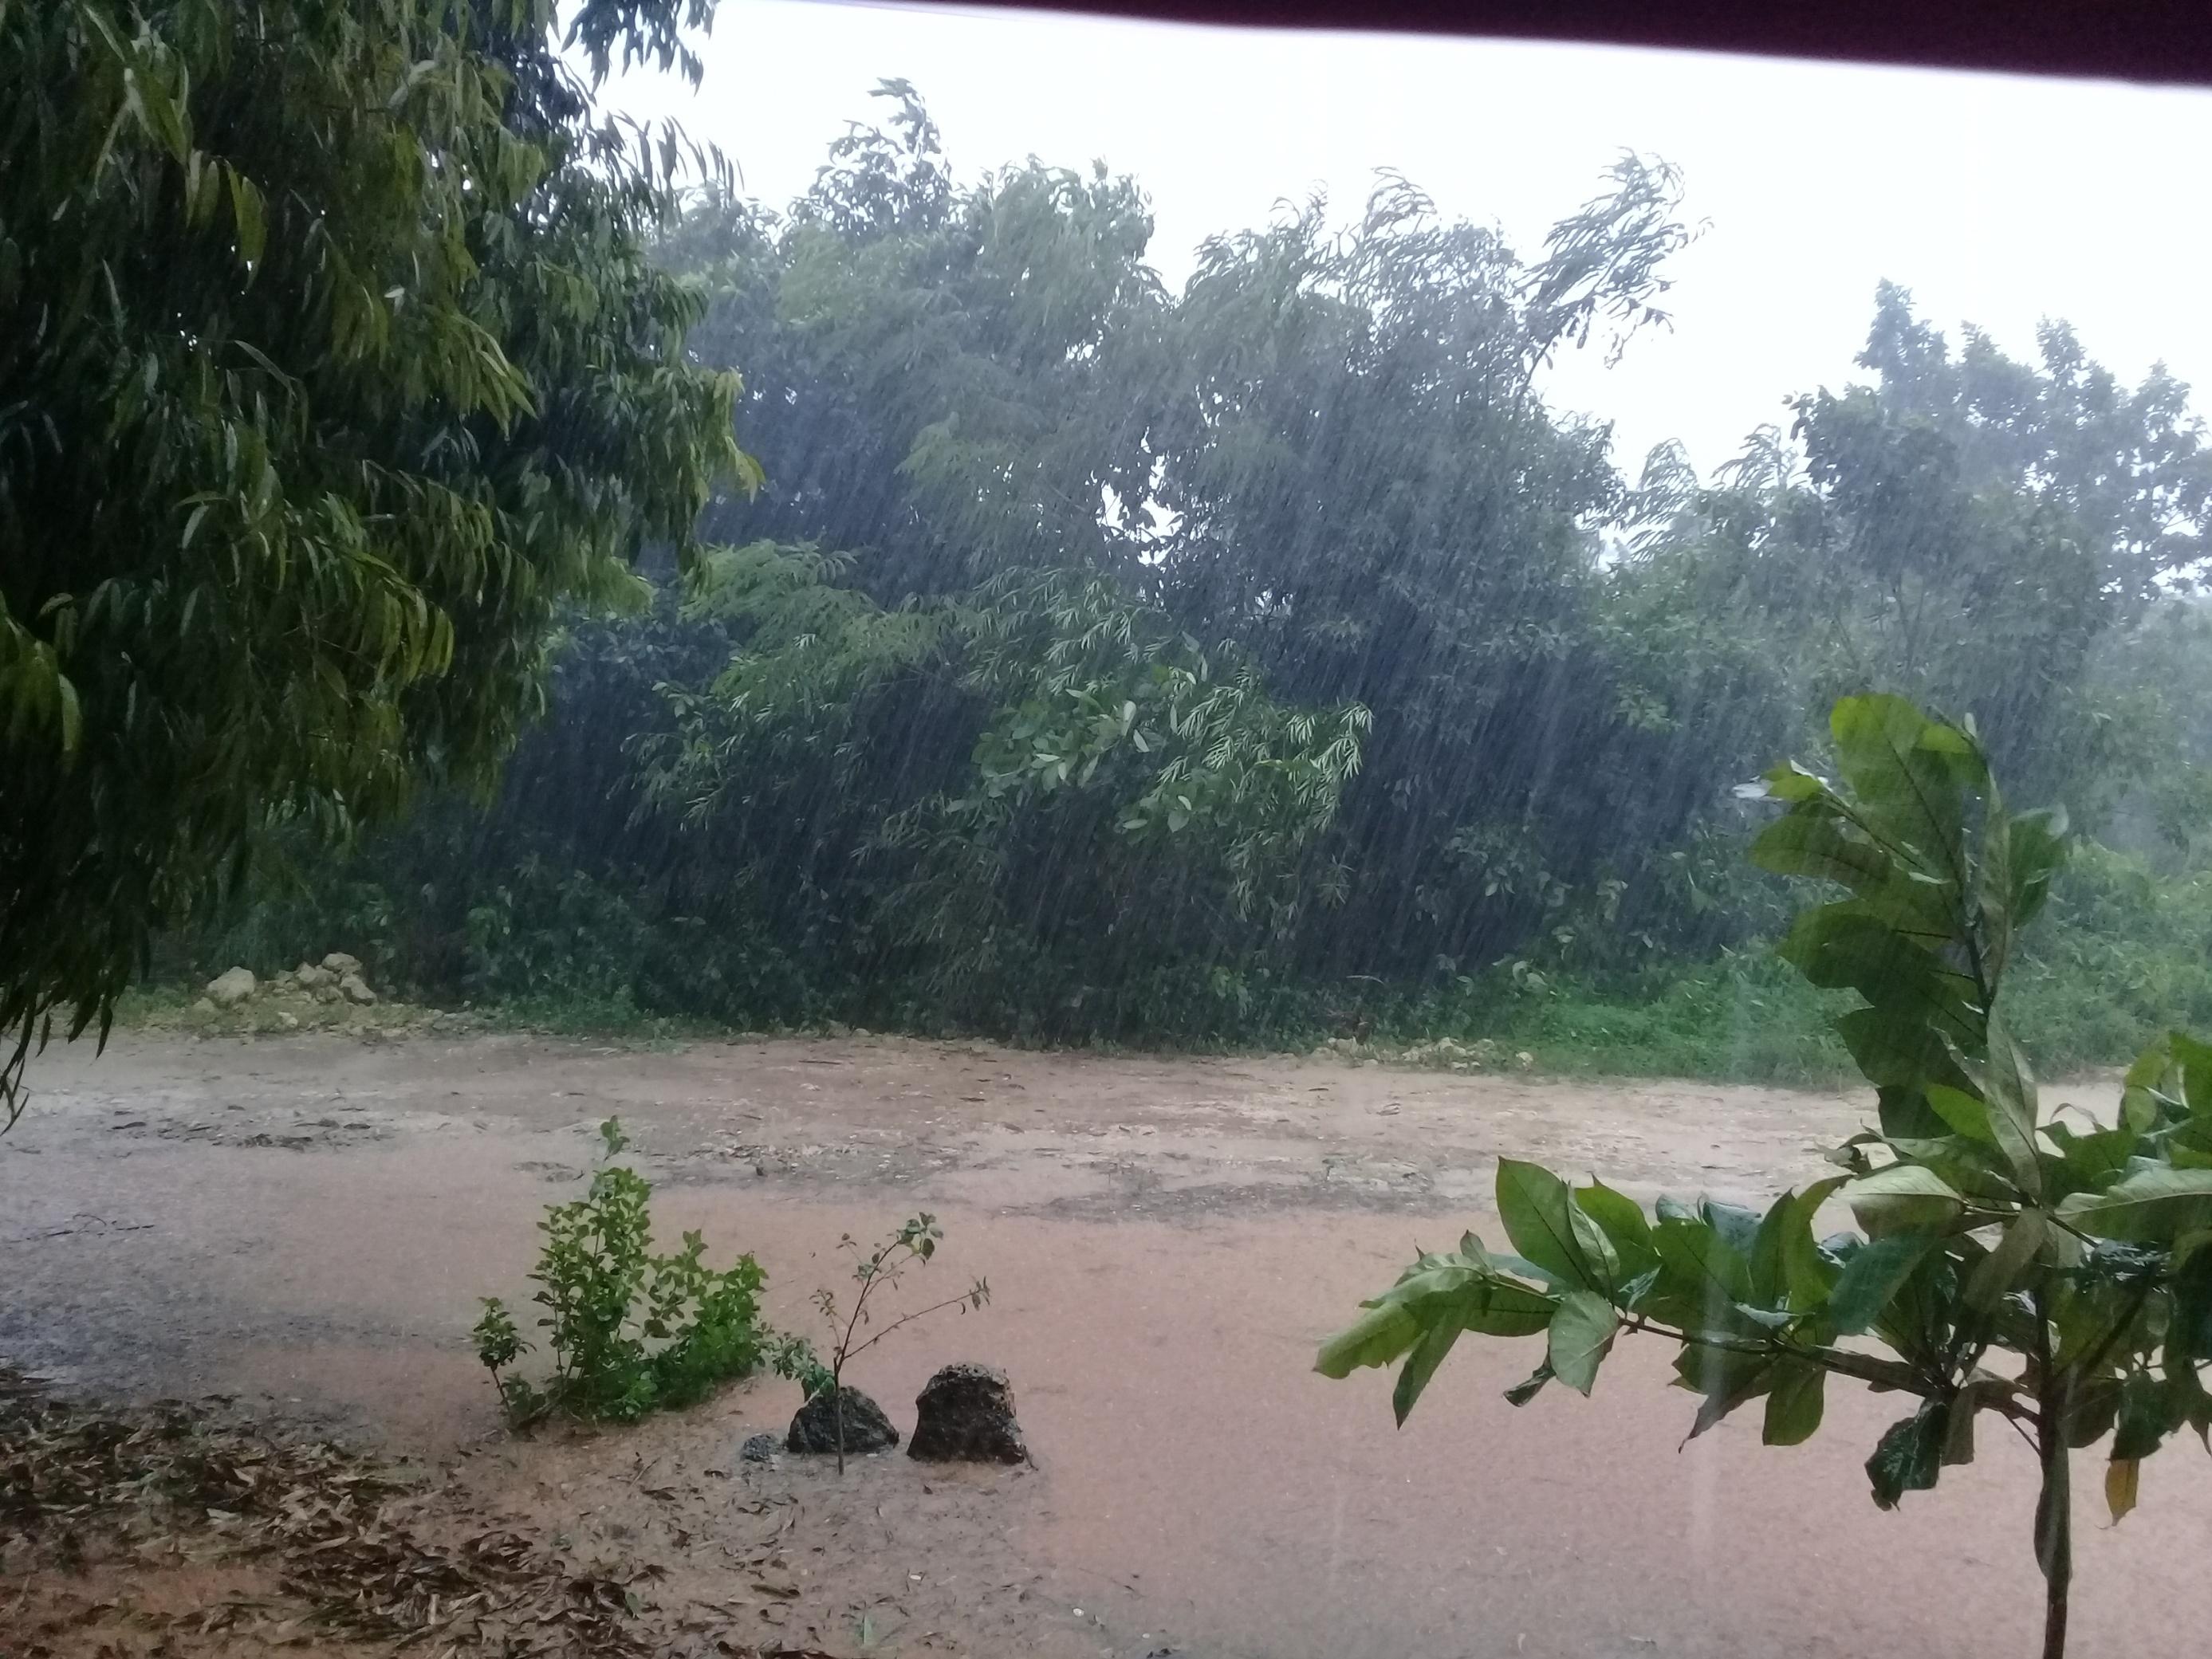 Tormenta local severa en Jagüey Grande